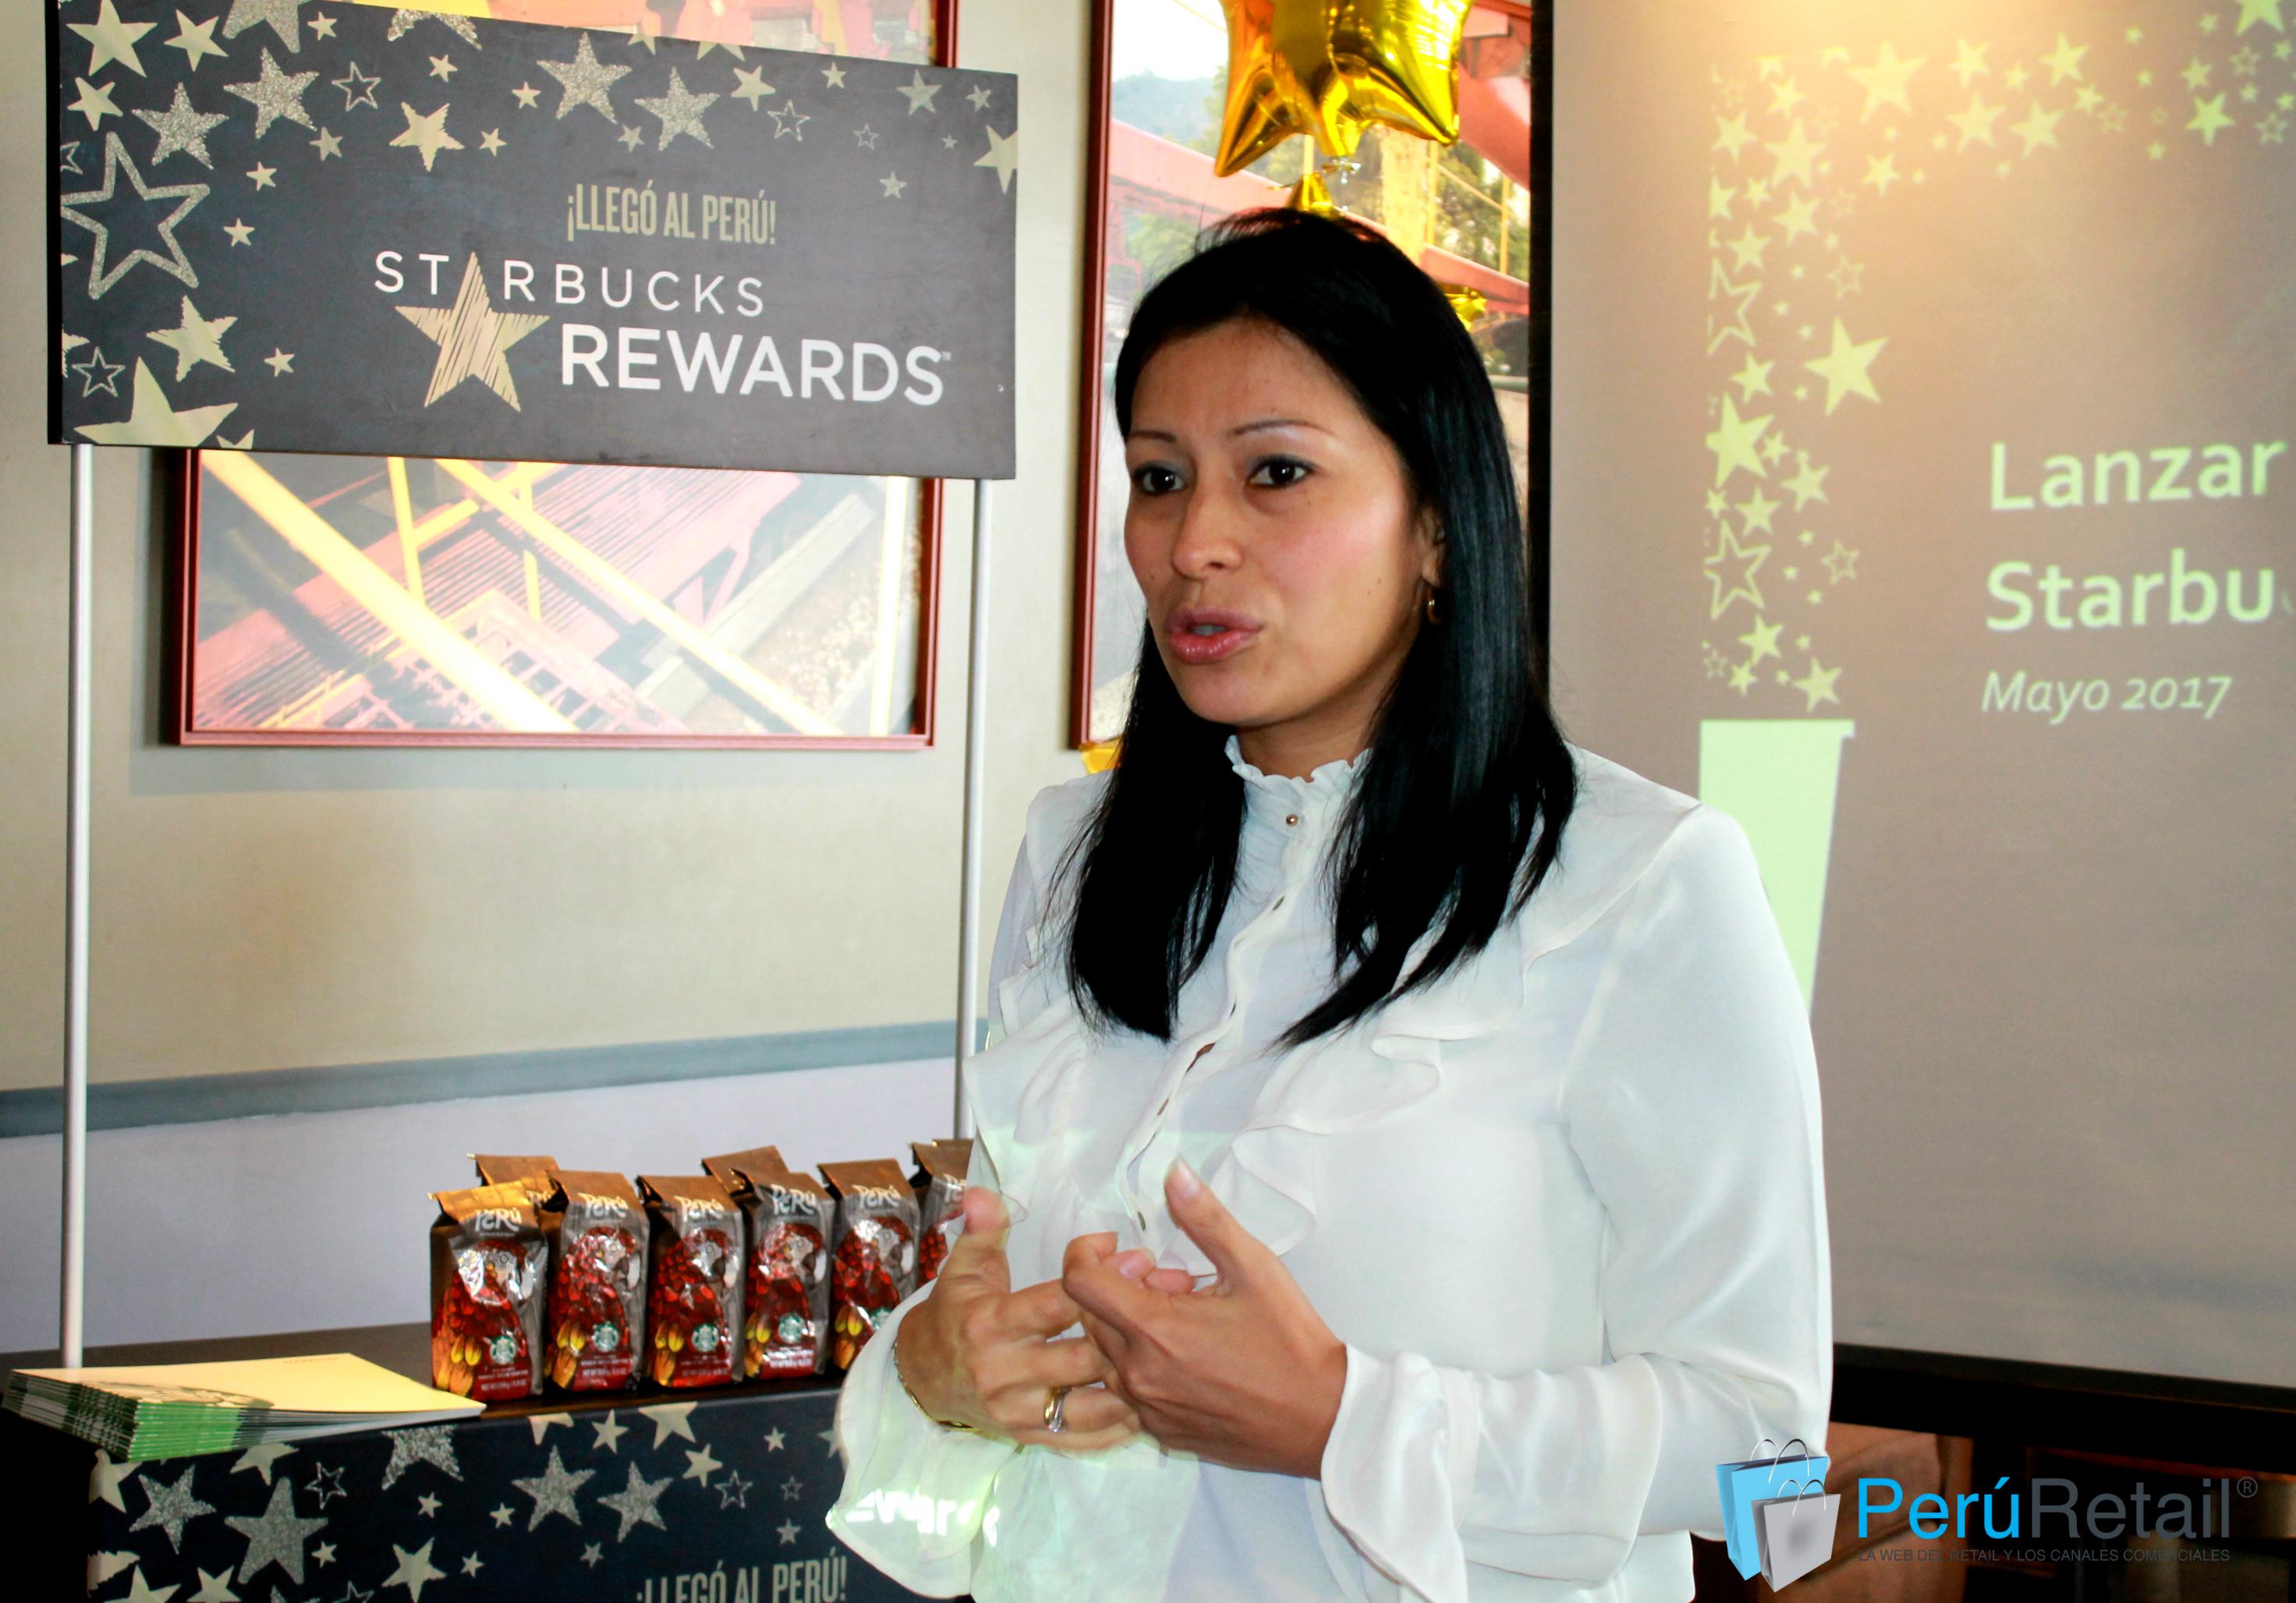 starbucks lima peru 27 Peru Retail - Starbucks busca clientes más leales para aumentar sus ventas en Perú